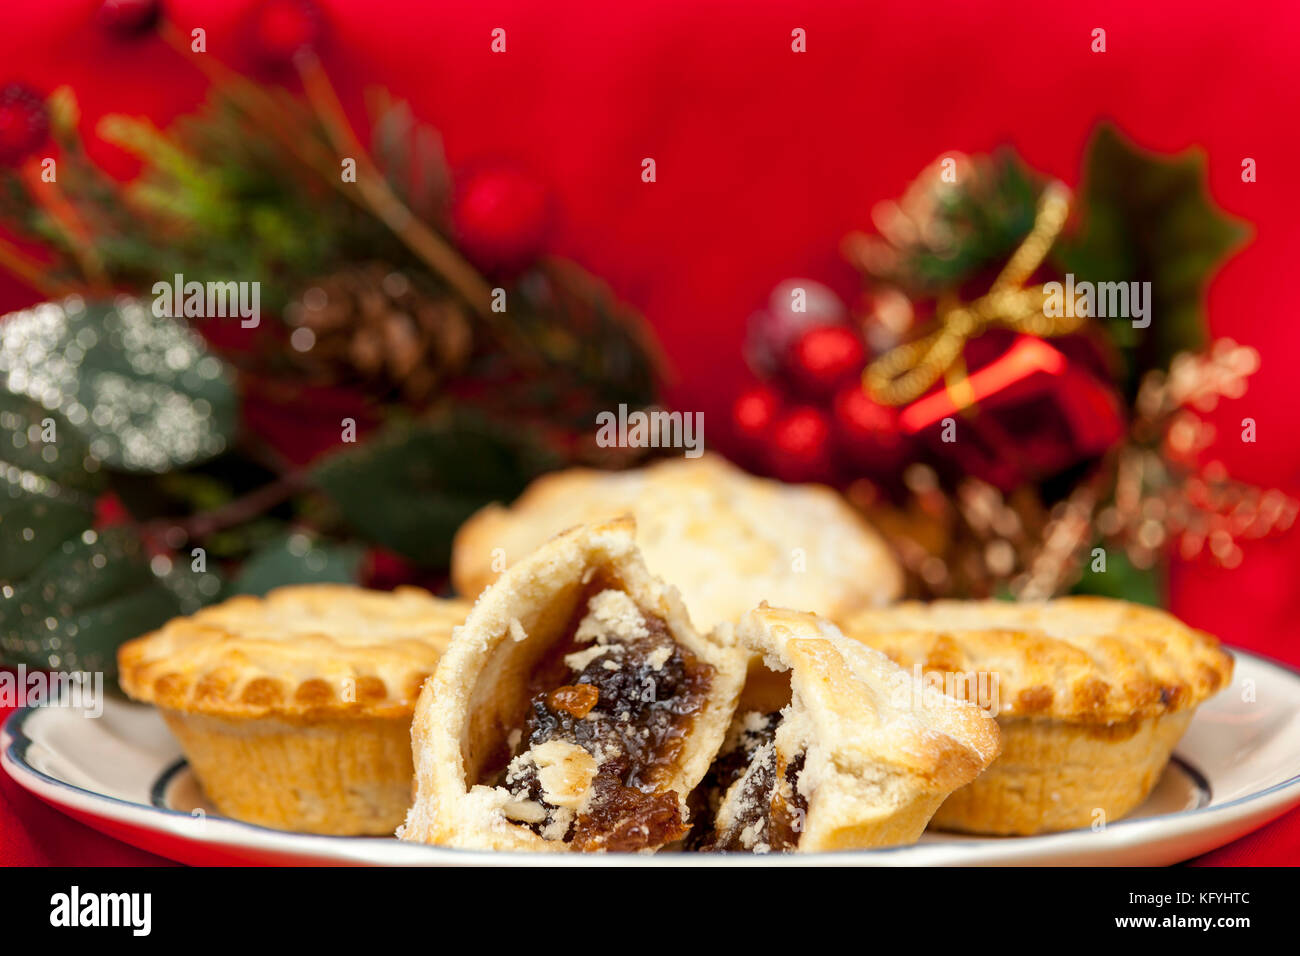 Nahaufnahme eines gebrochenen Mince Pie auf einer Platte mit einigen festlichen Weihnachtsschmuck auf rotem Hintergrund Stockbild